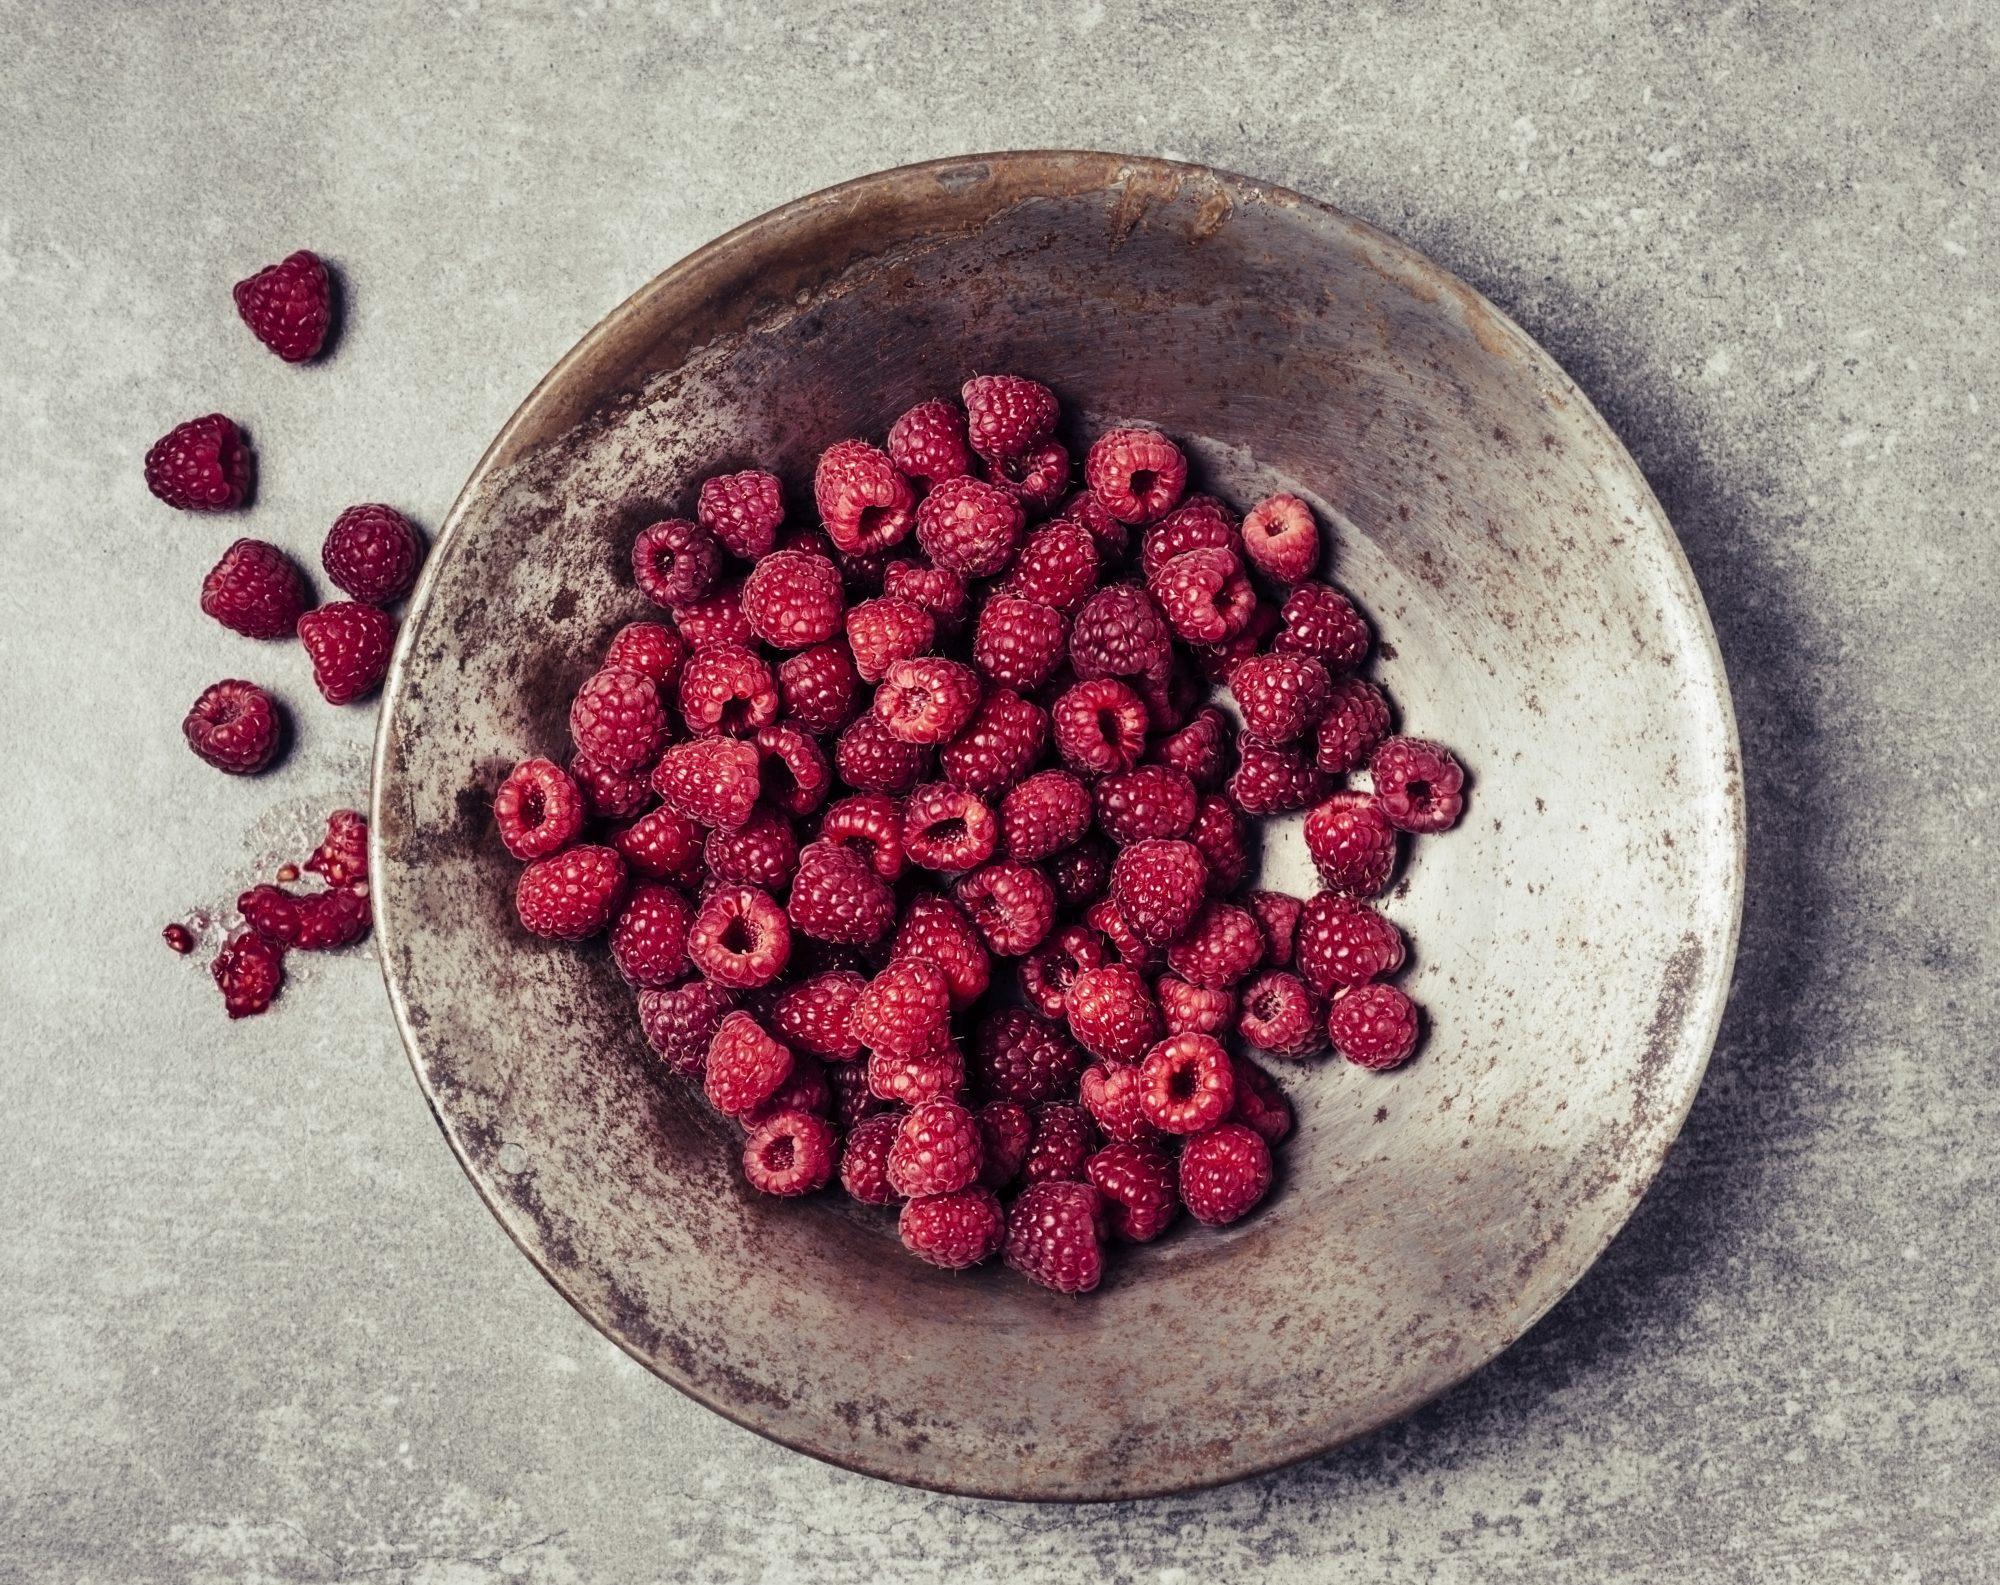 Raspberries Getty 1/14/20